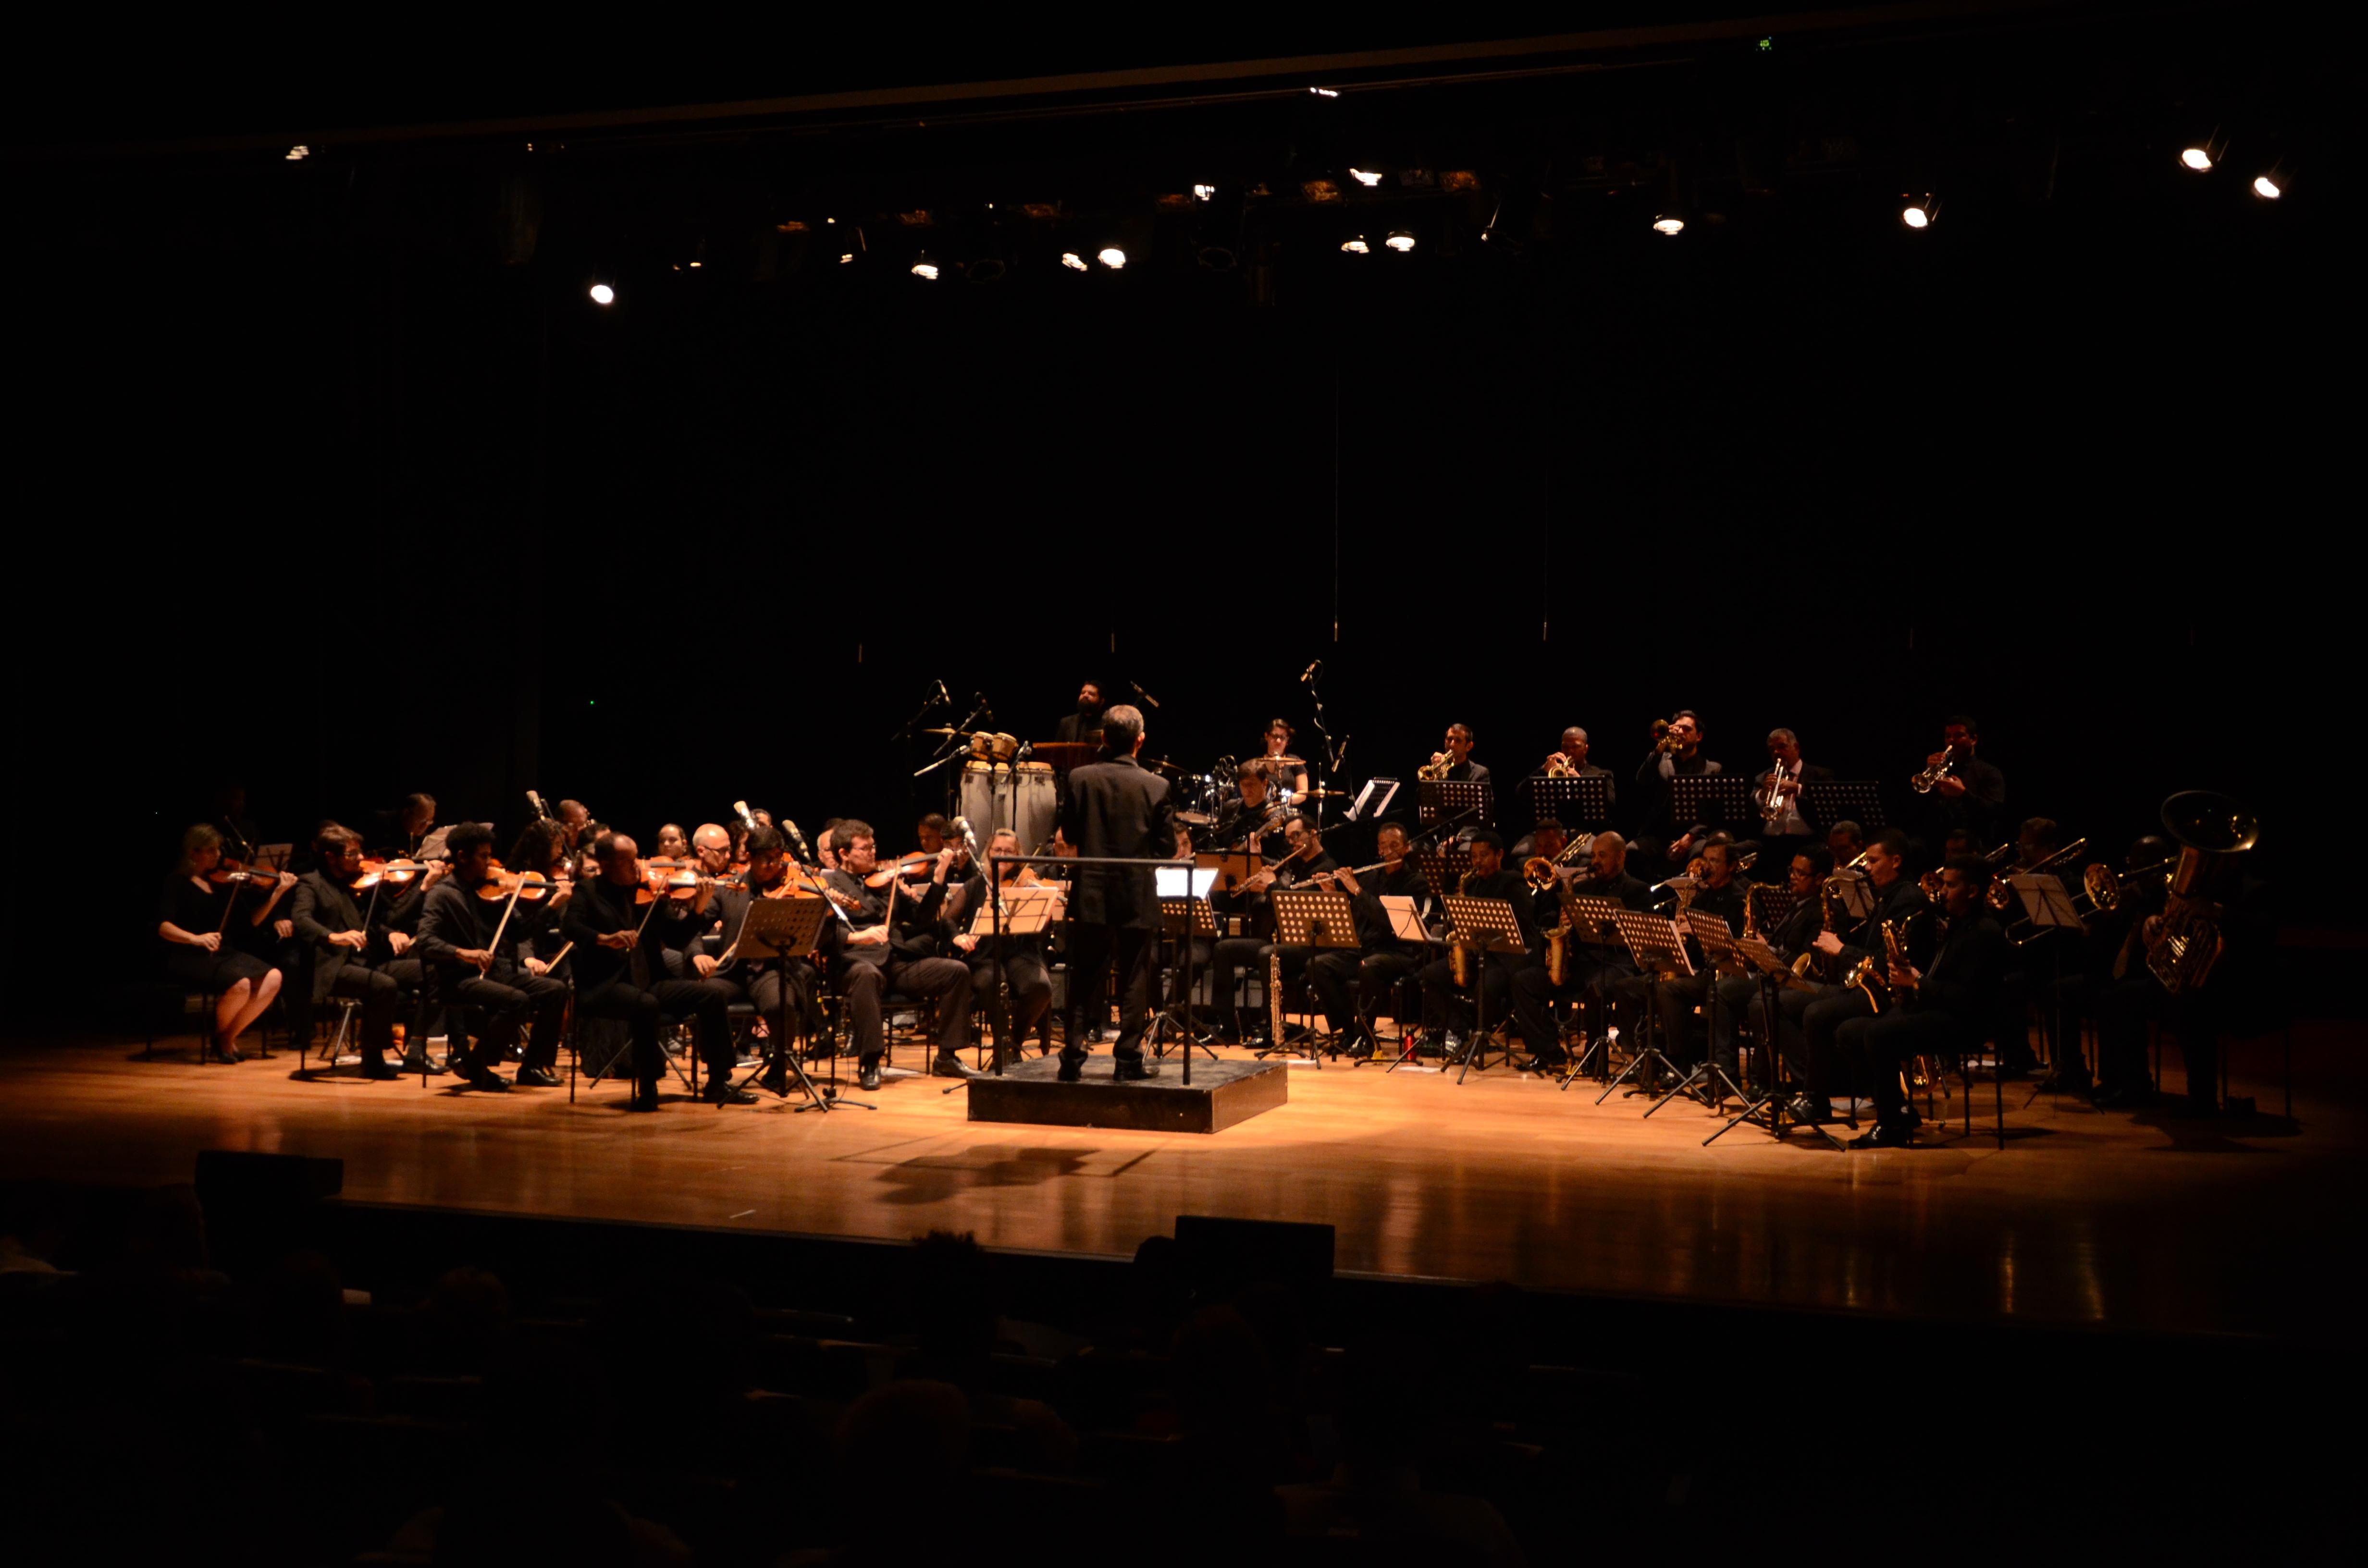 Orquestra se apresentando soba regência de um maestro